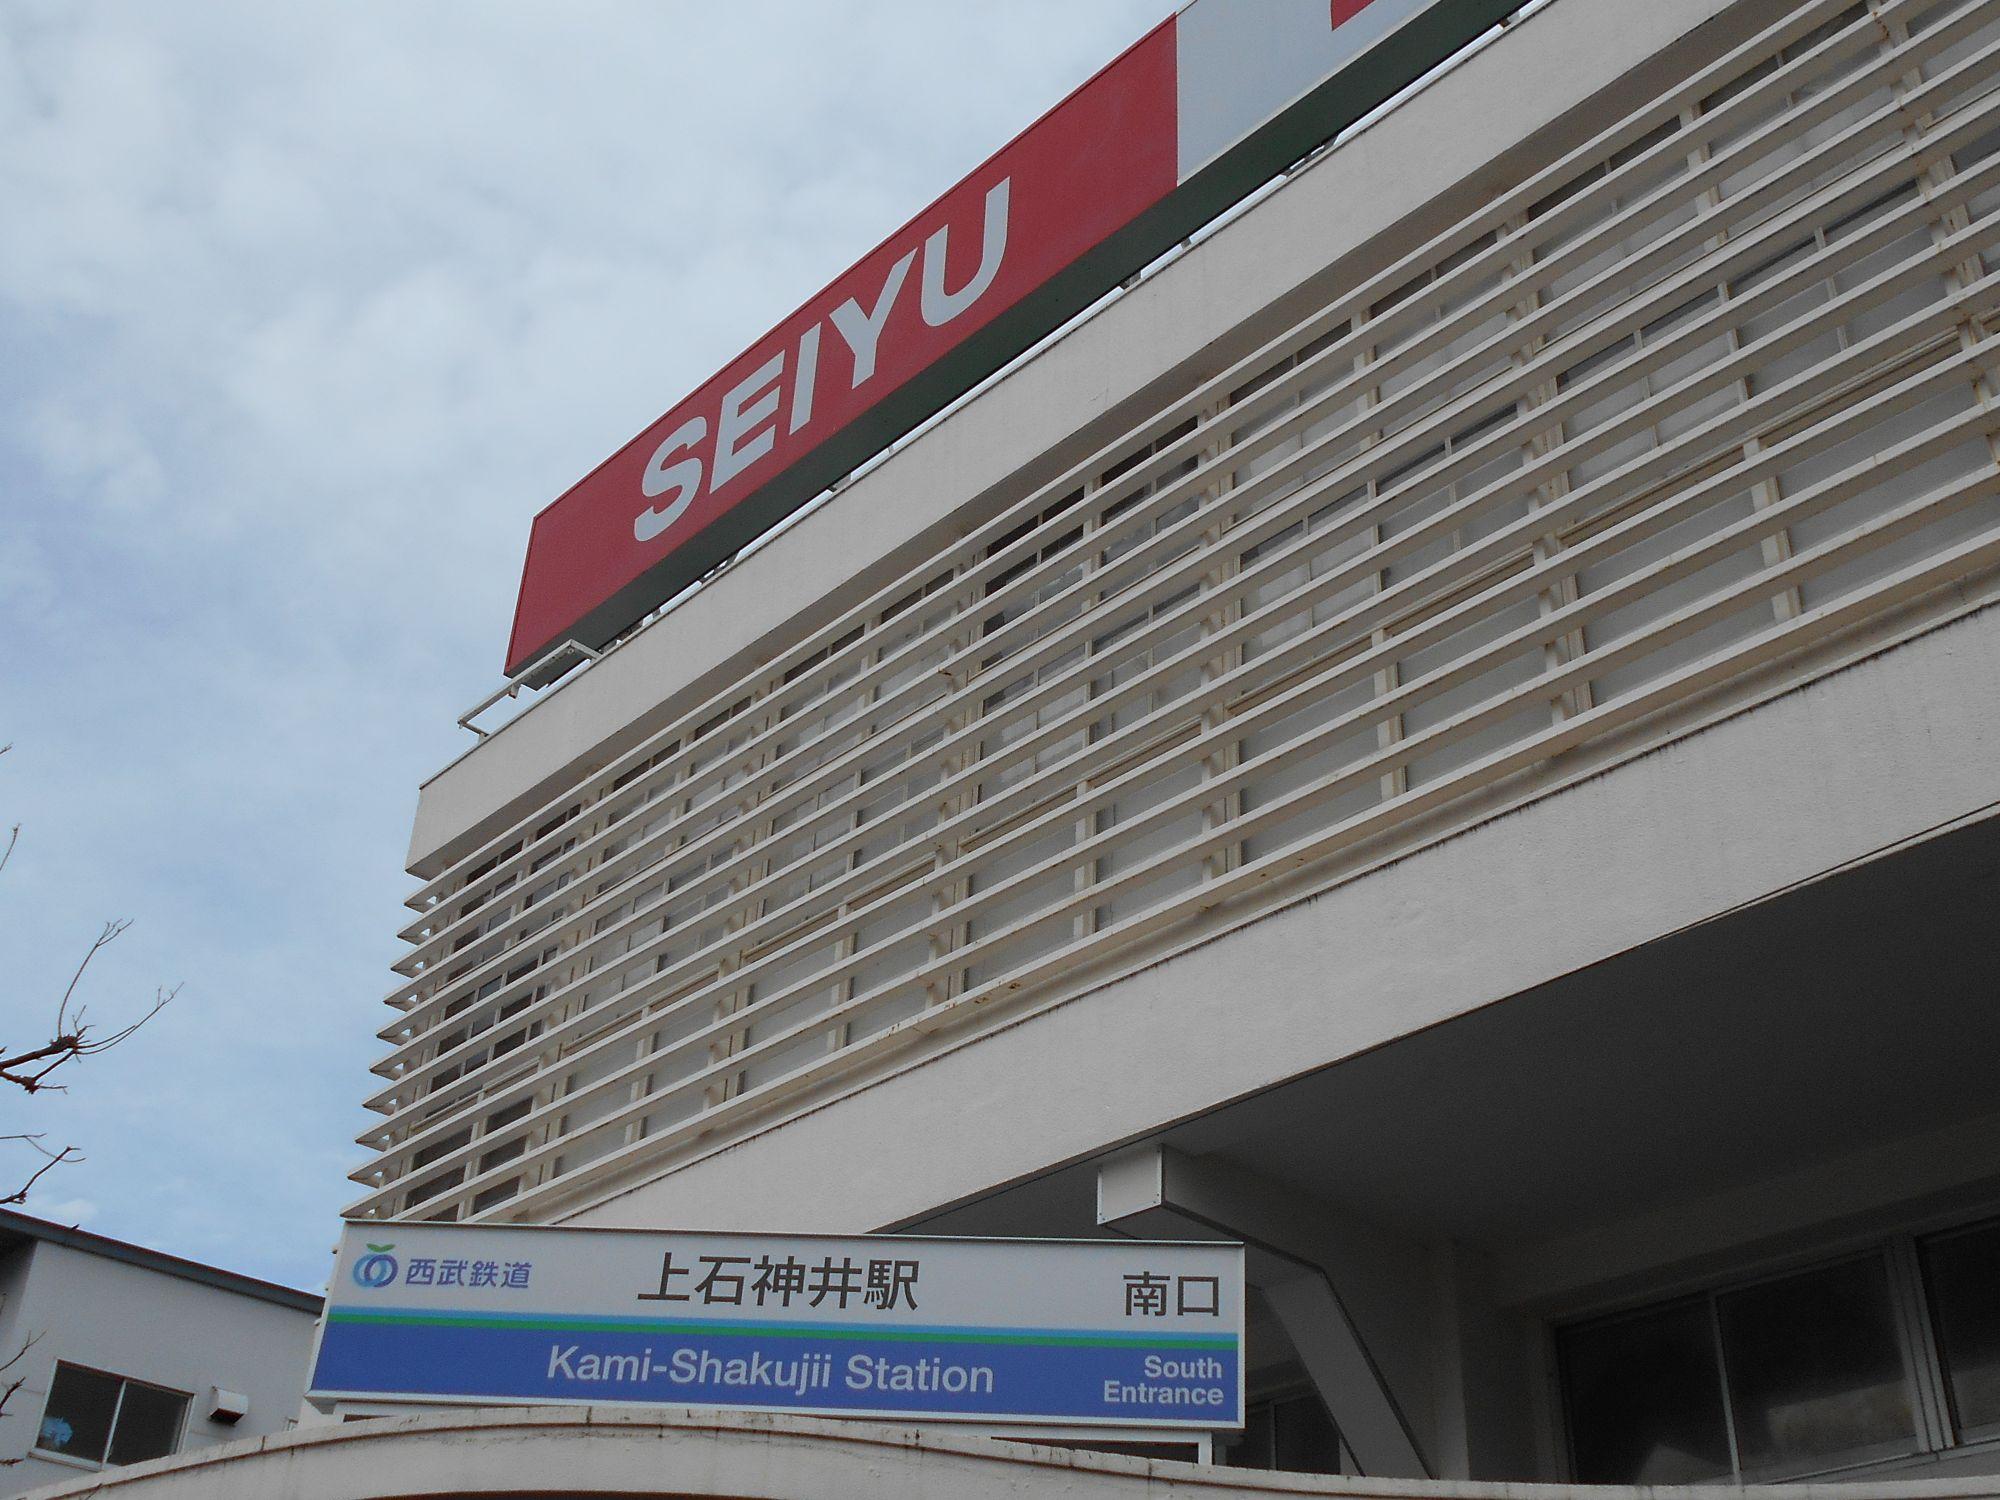 周辺施設:西武新宿線上石神井駅と西友